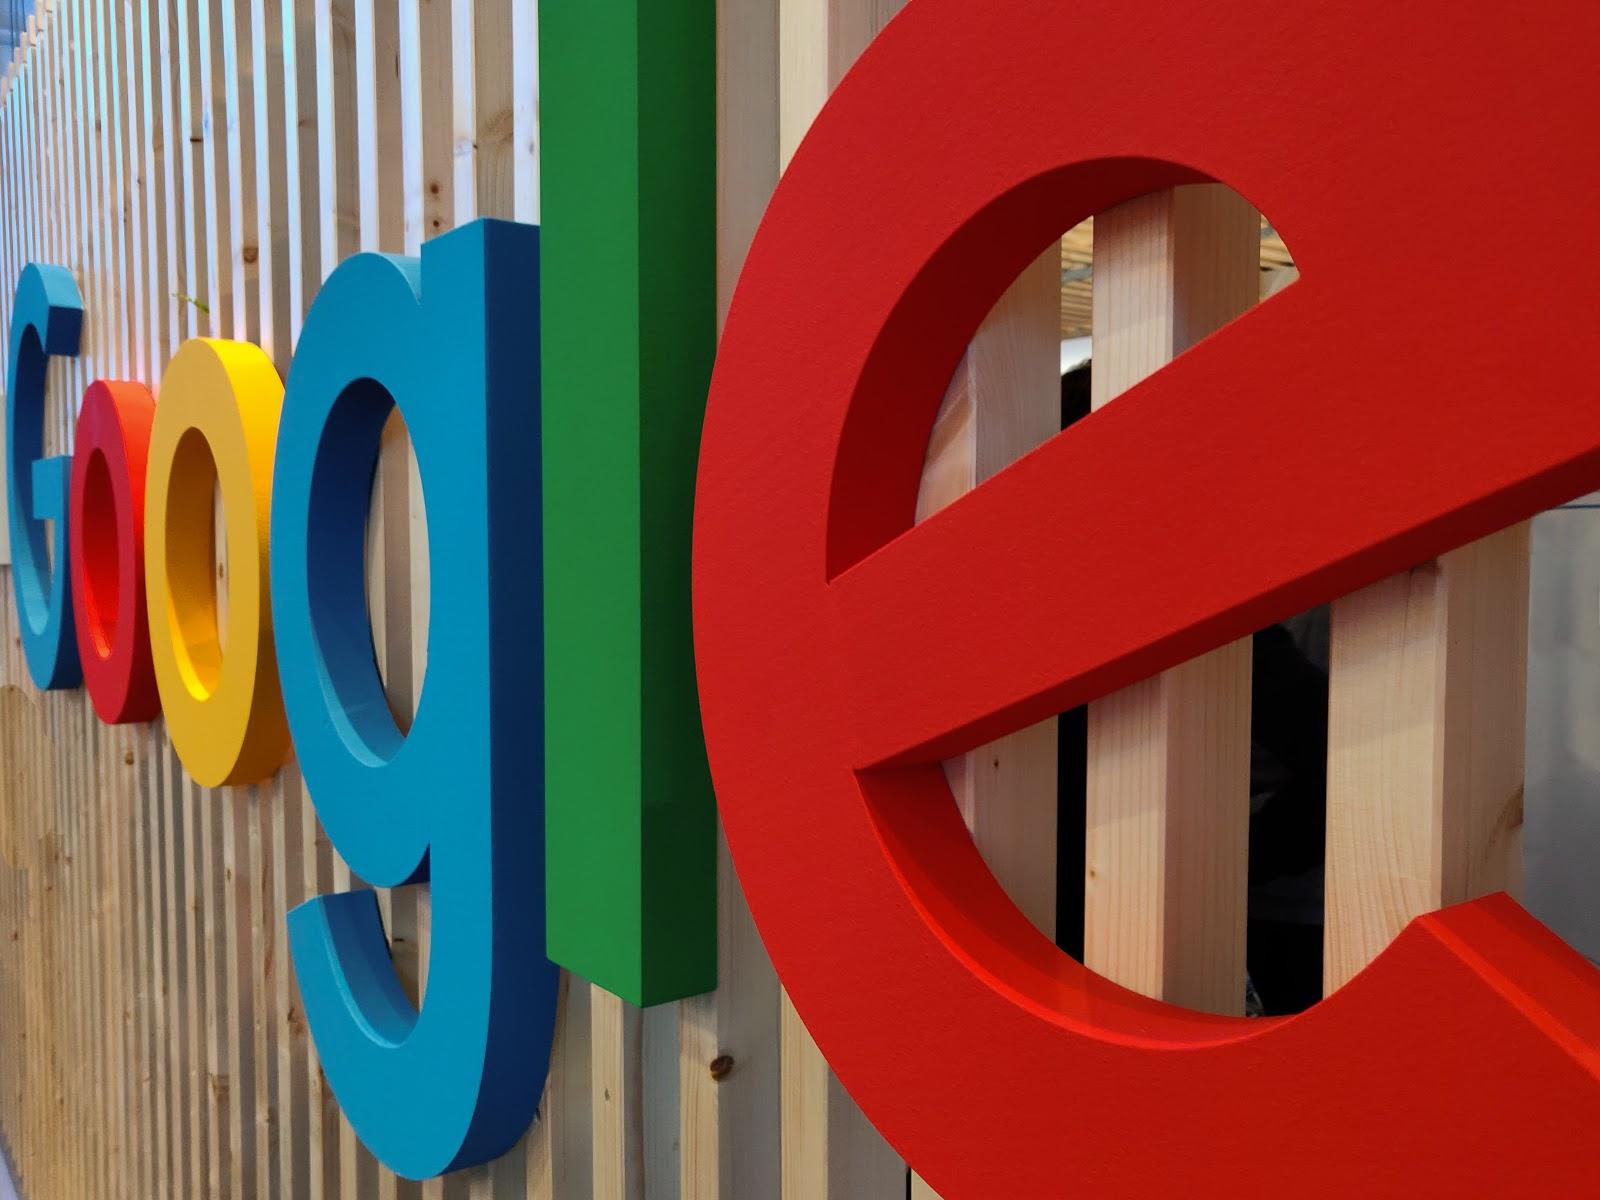 Huge Google sign